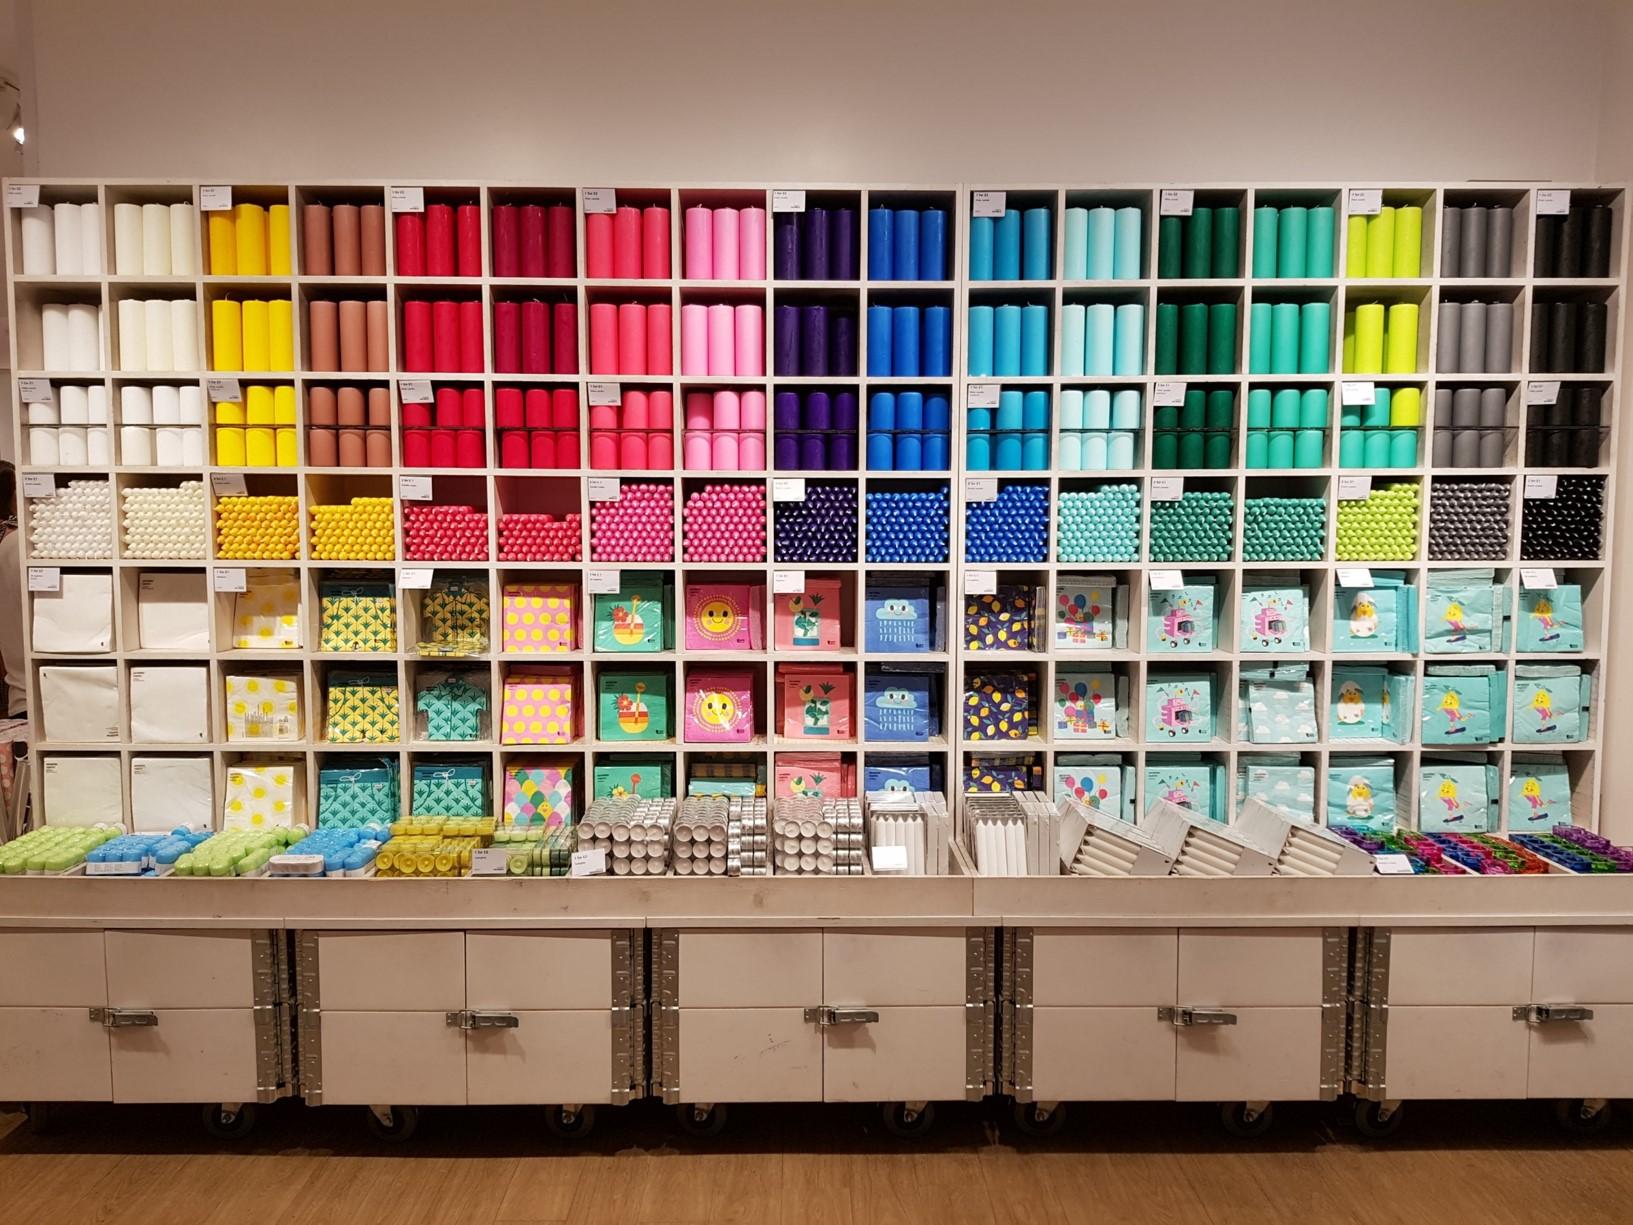 curso retail design y visual merchandising